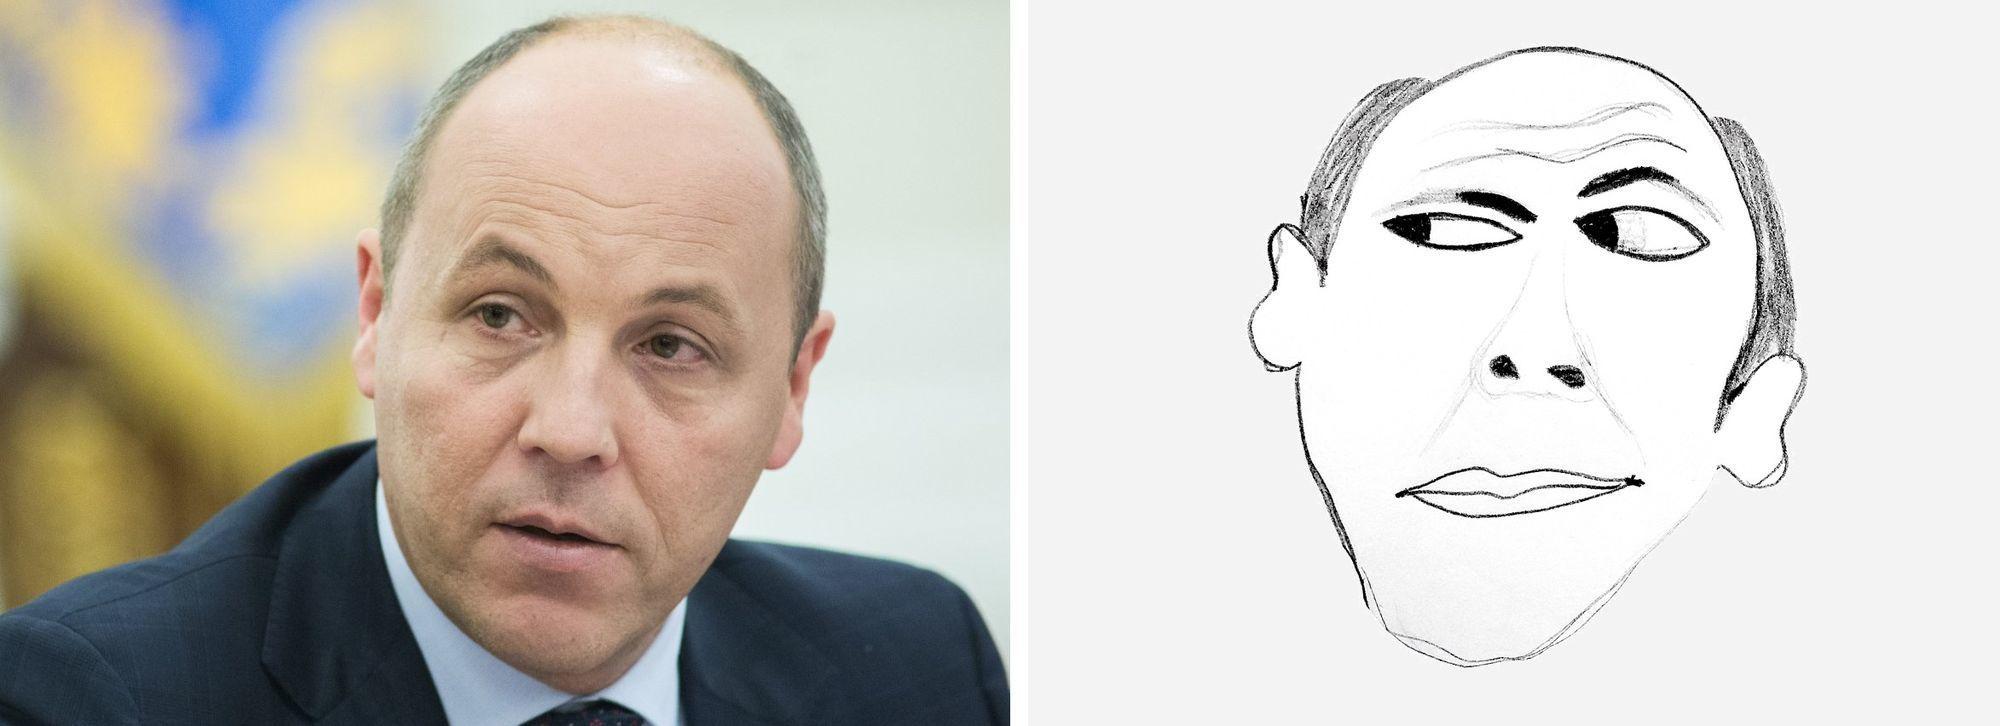 портрети політиків_3